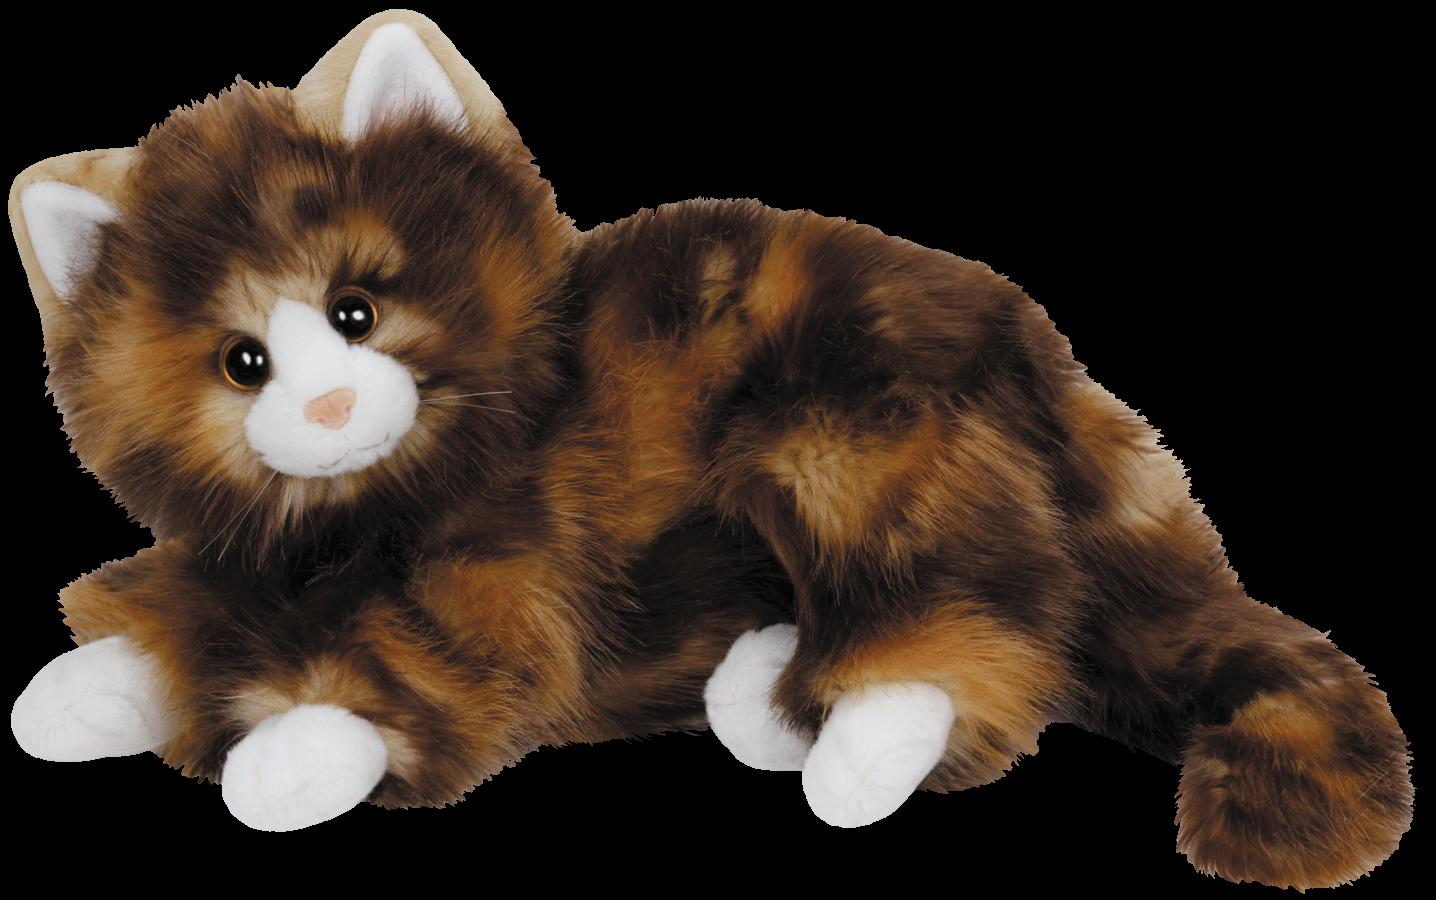 картинки игрушка котик без фона хотят